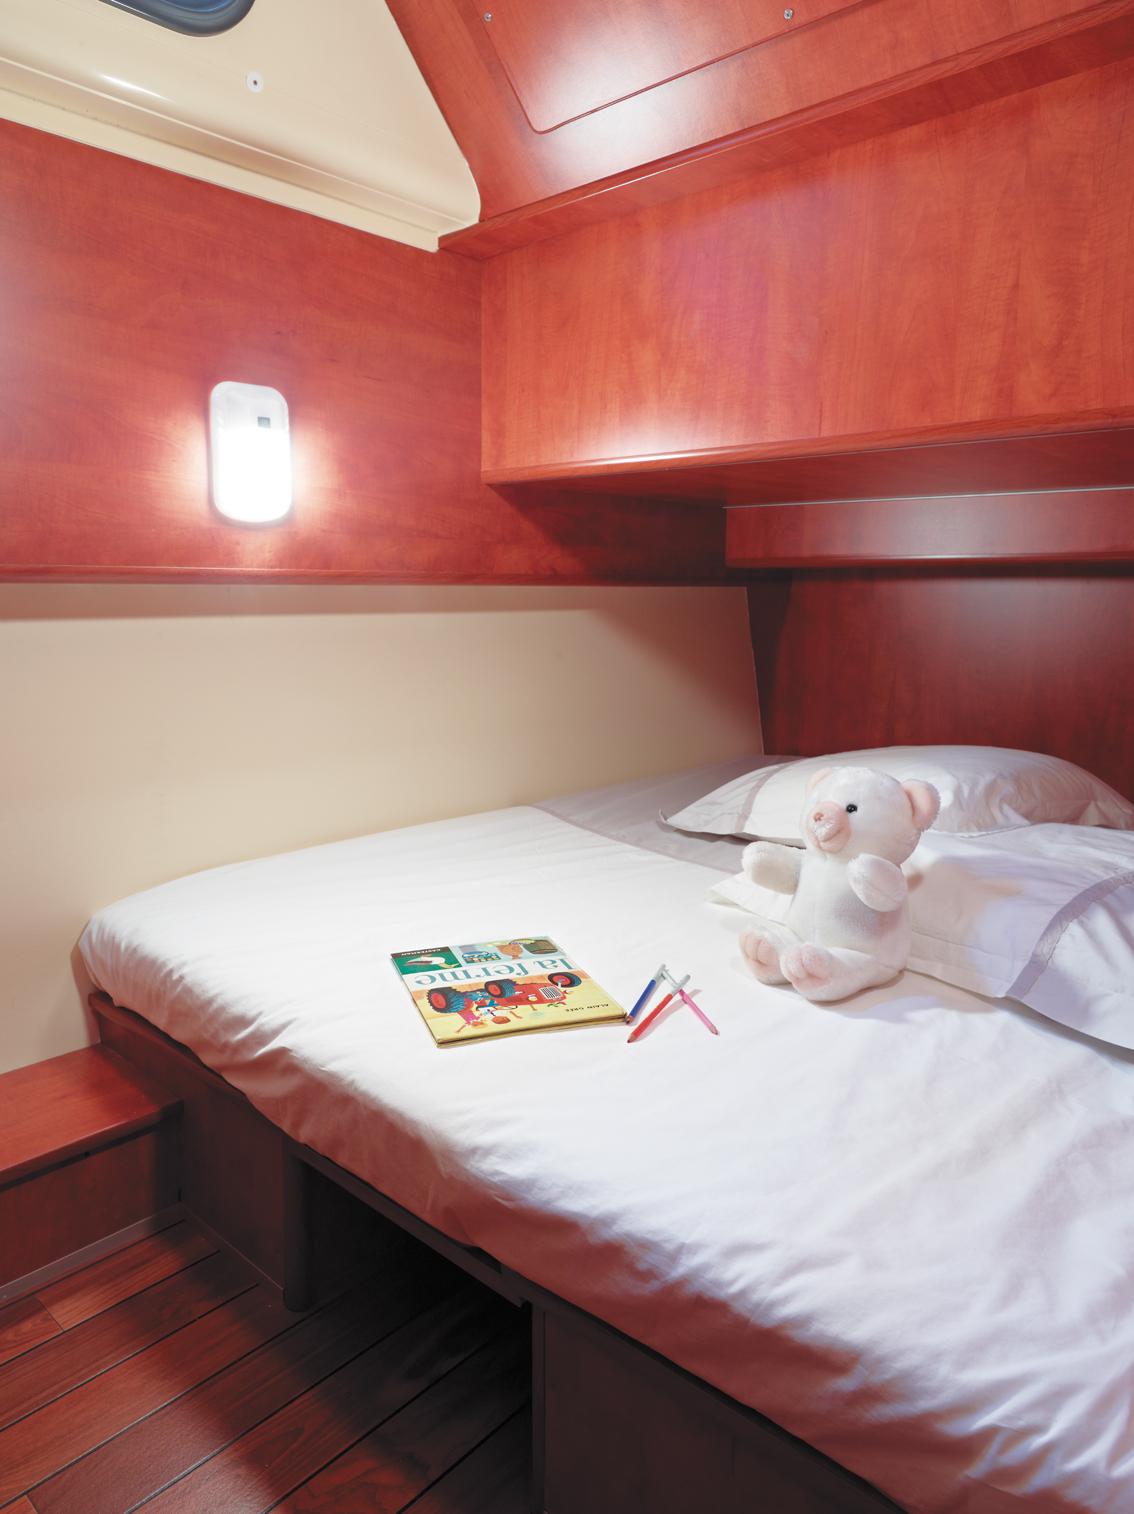 Estivale sixto cabine tribord©nicols